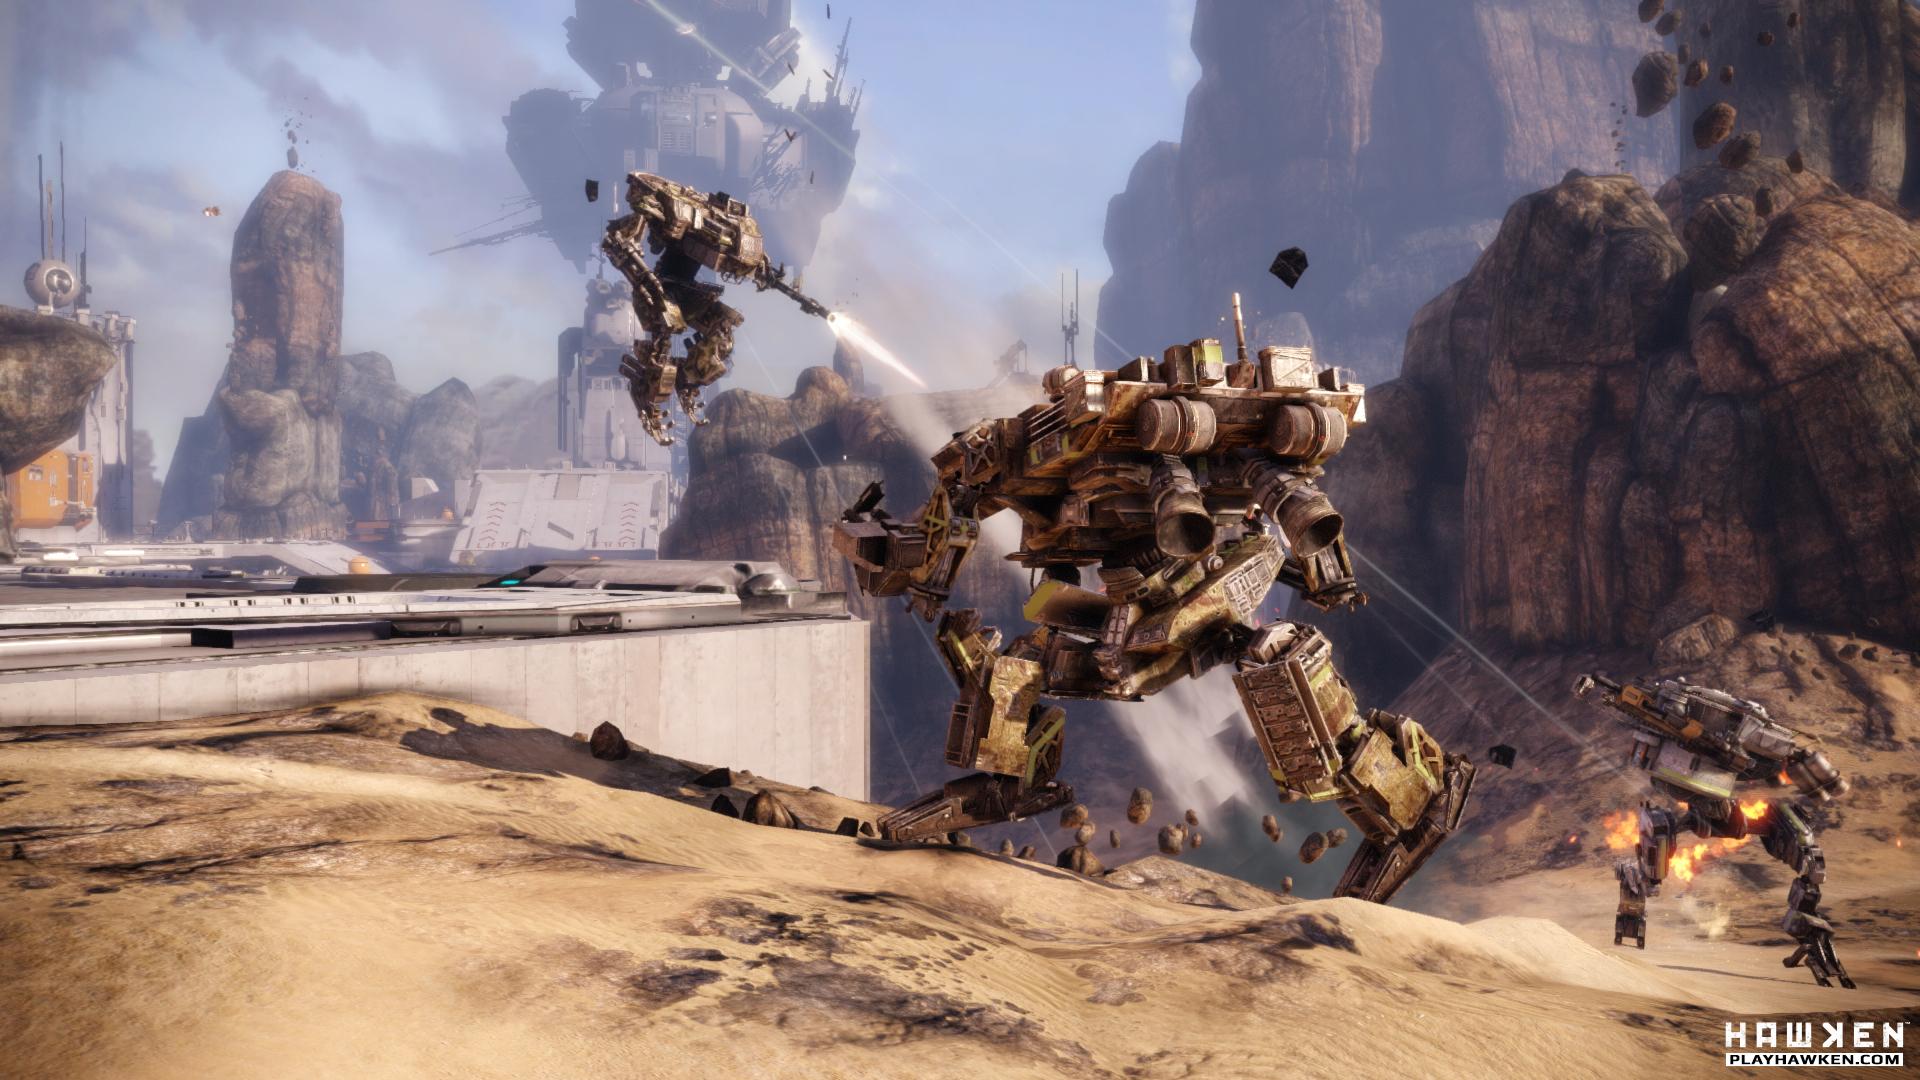 Titanfall Wallpaper Hd Bruiser Screenshot 1